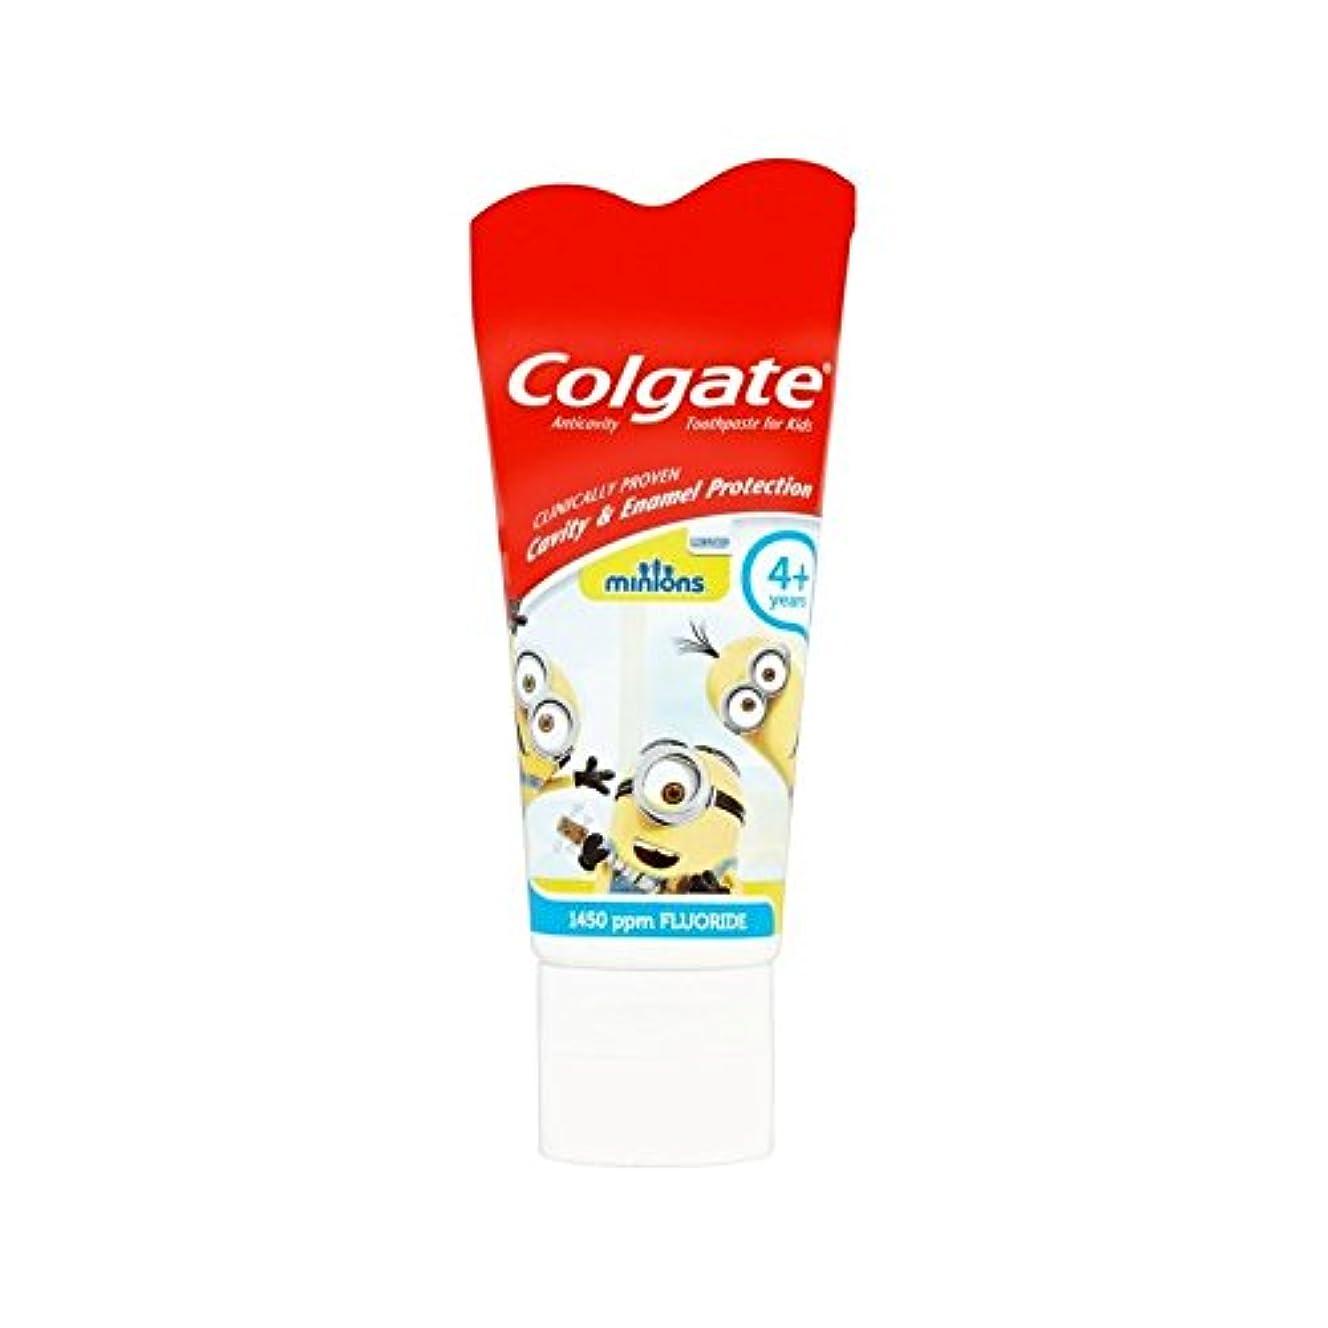 裸拡大するなす手下の子供4+歯磨き粉50ミリリットル (Colgate) (x 2) - Colgate Minions Kids 4+ Toothpaste 50ml (Pack of 2) [並行輸入品]